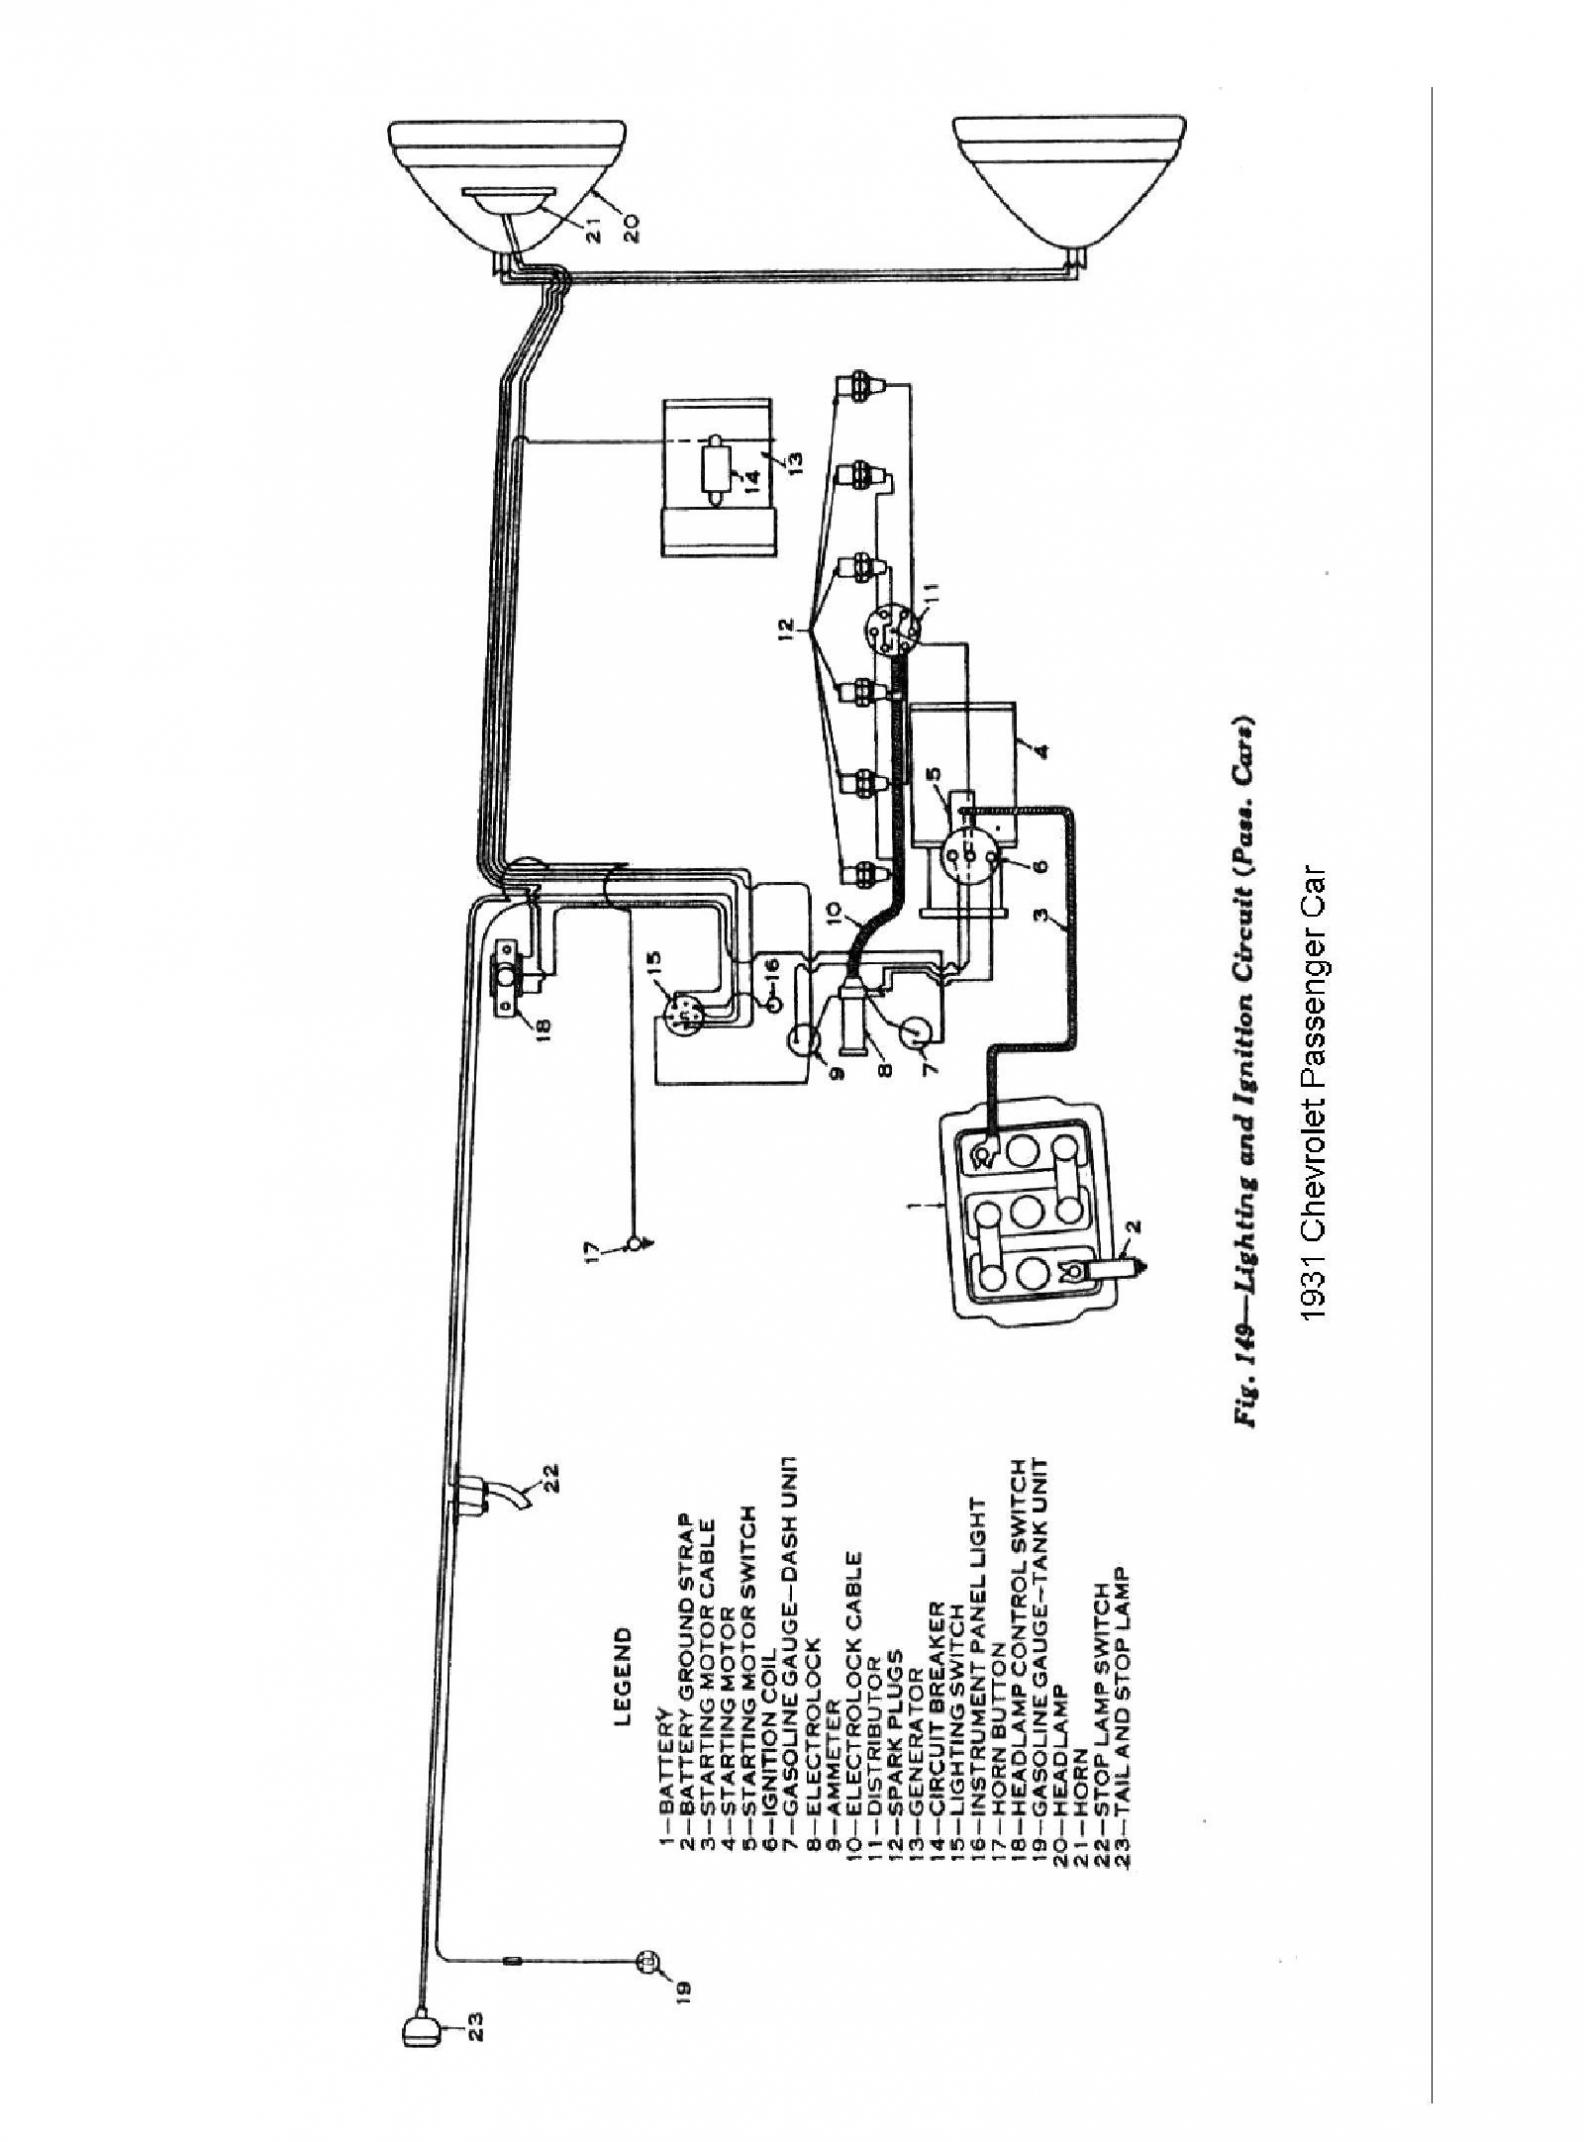 Onan 4Kw Generator Wiring Diagram   Wiring Diagram - Onan Rv Generator Wiring Diagram